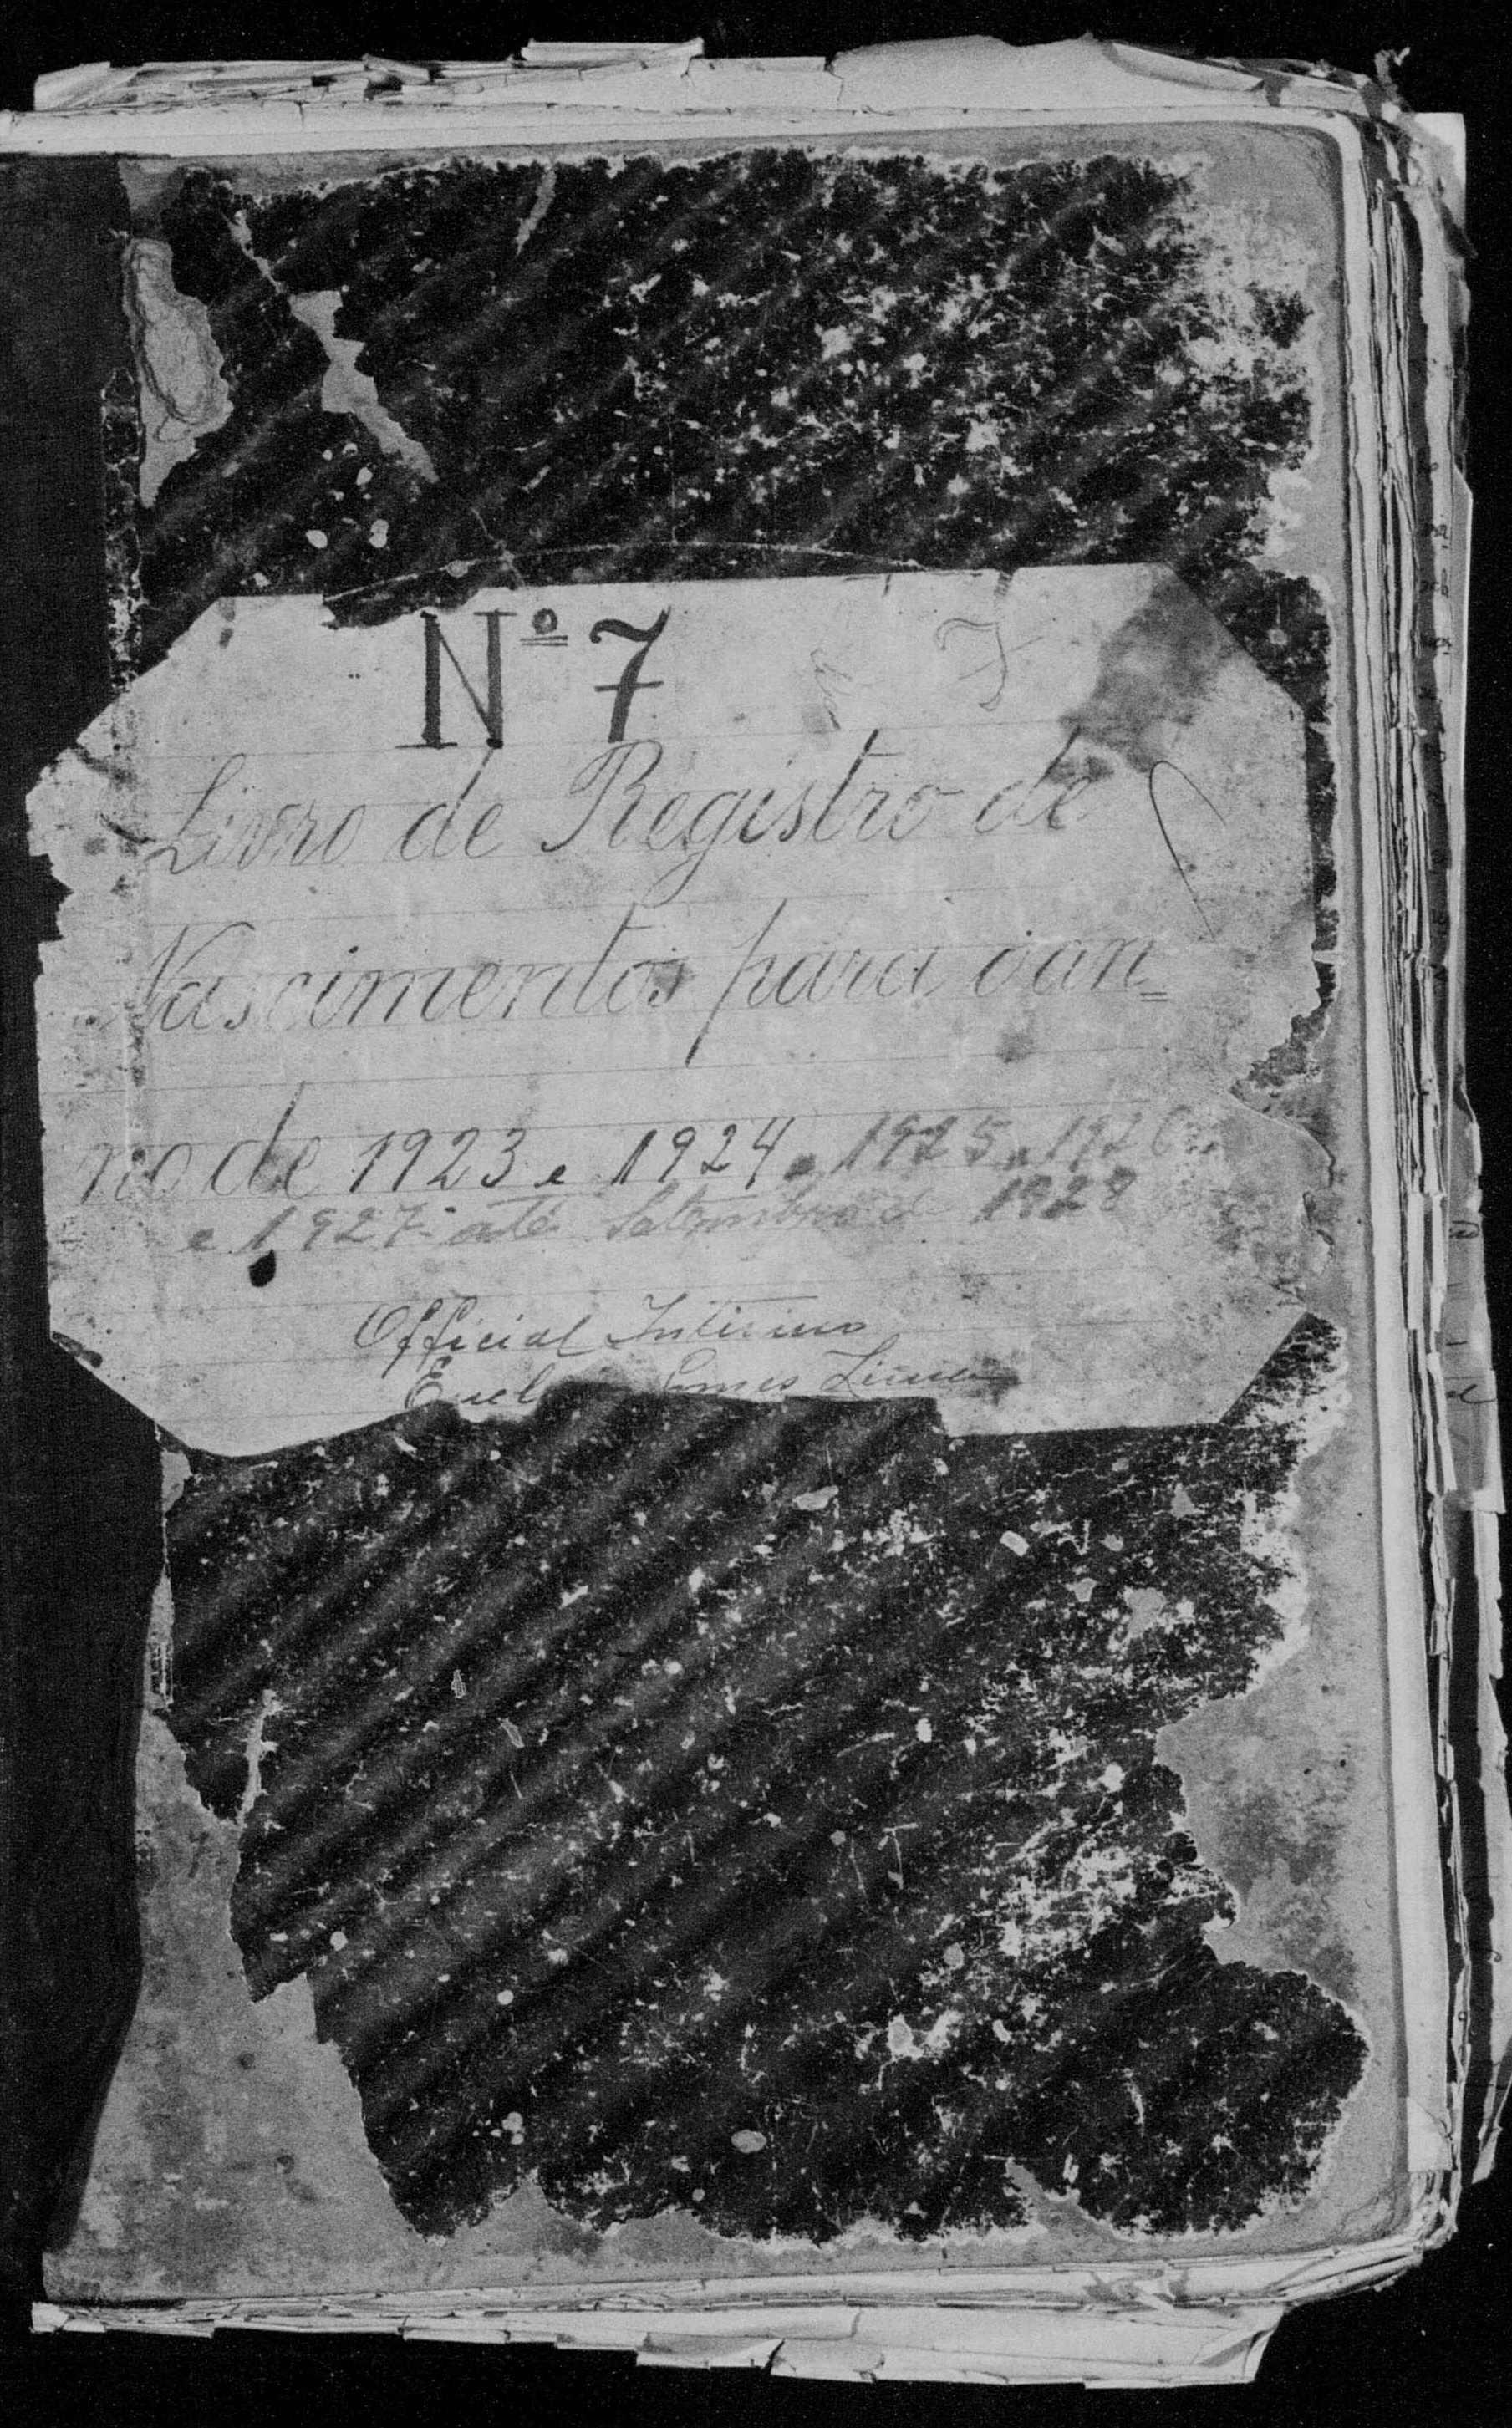 Capa de Livro de Registro de Nascimento